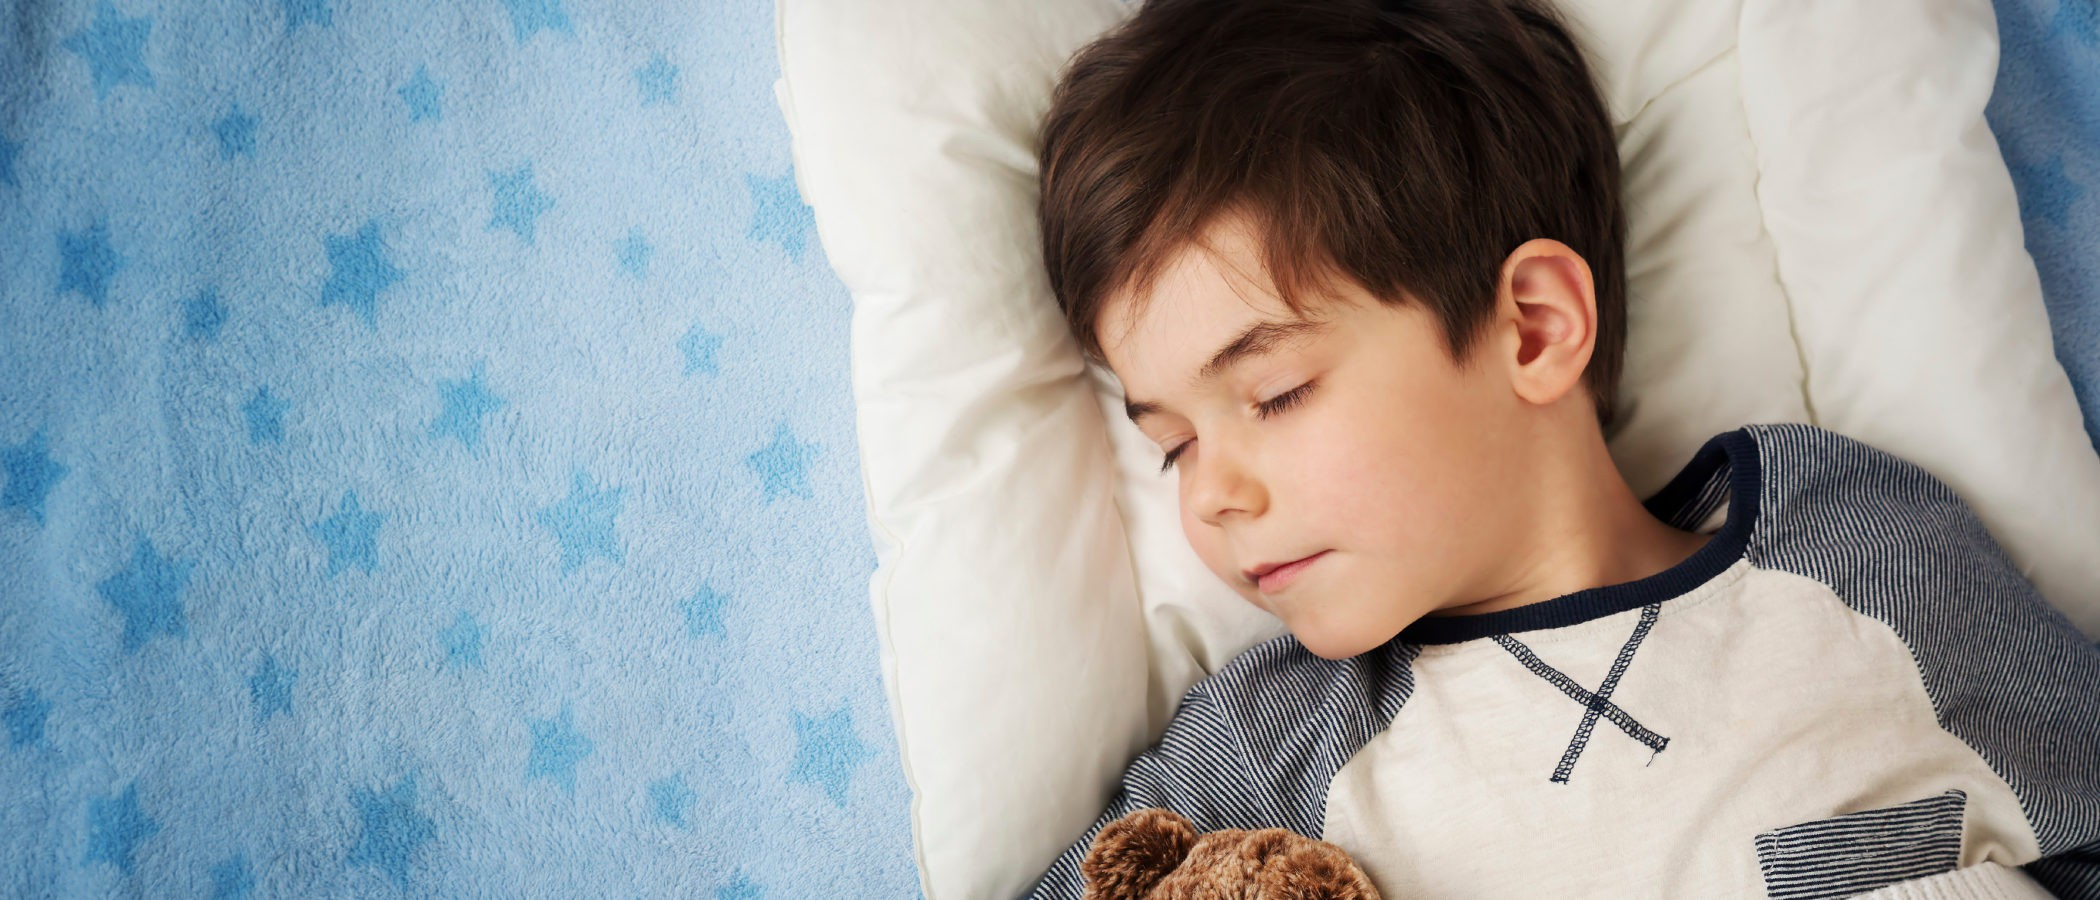 Cuando el dormir se convierte en un problema, ¿qué soluciones hay?